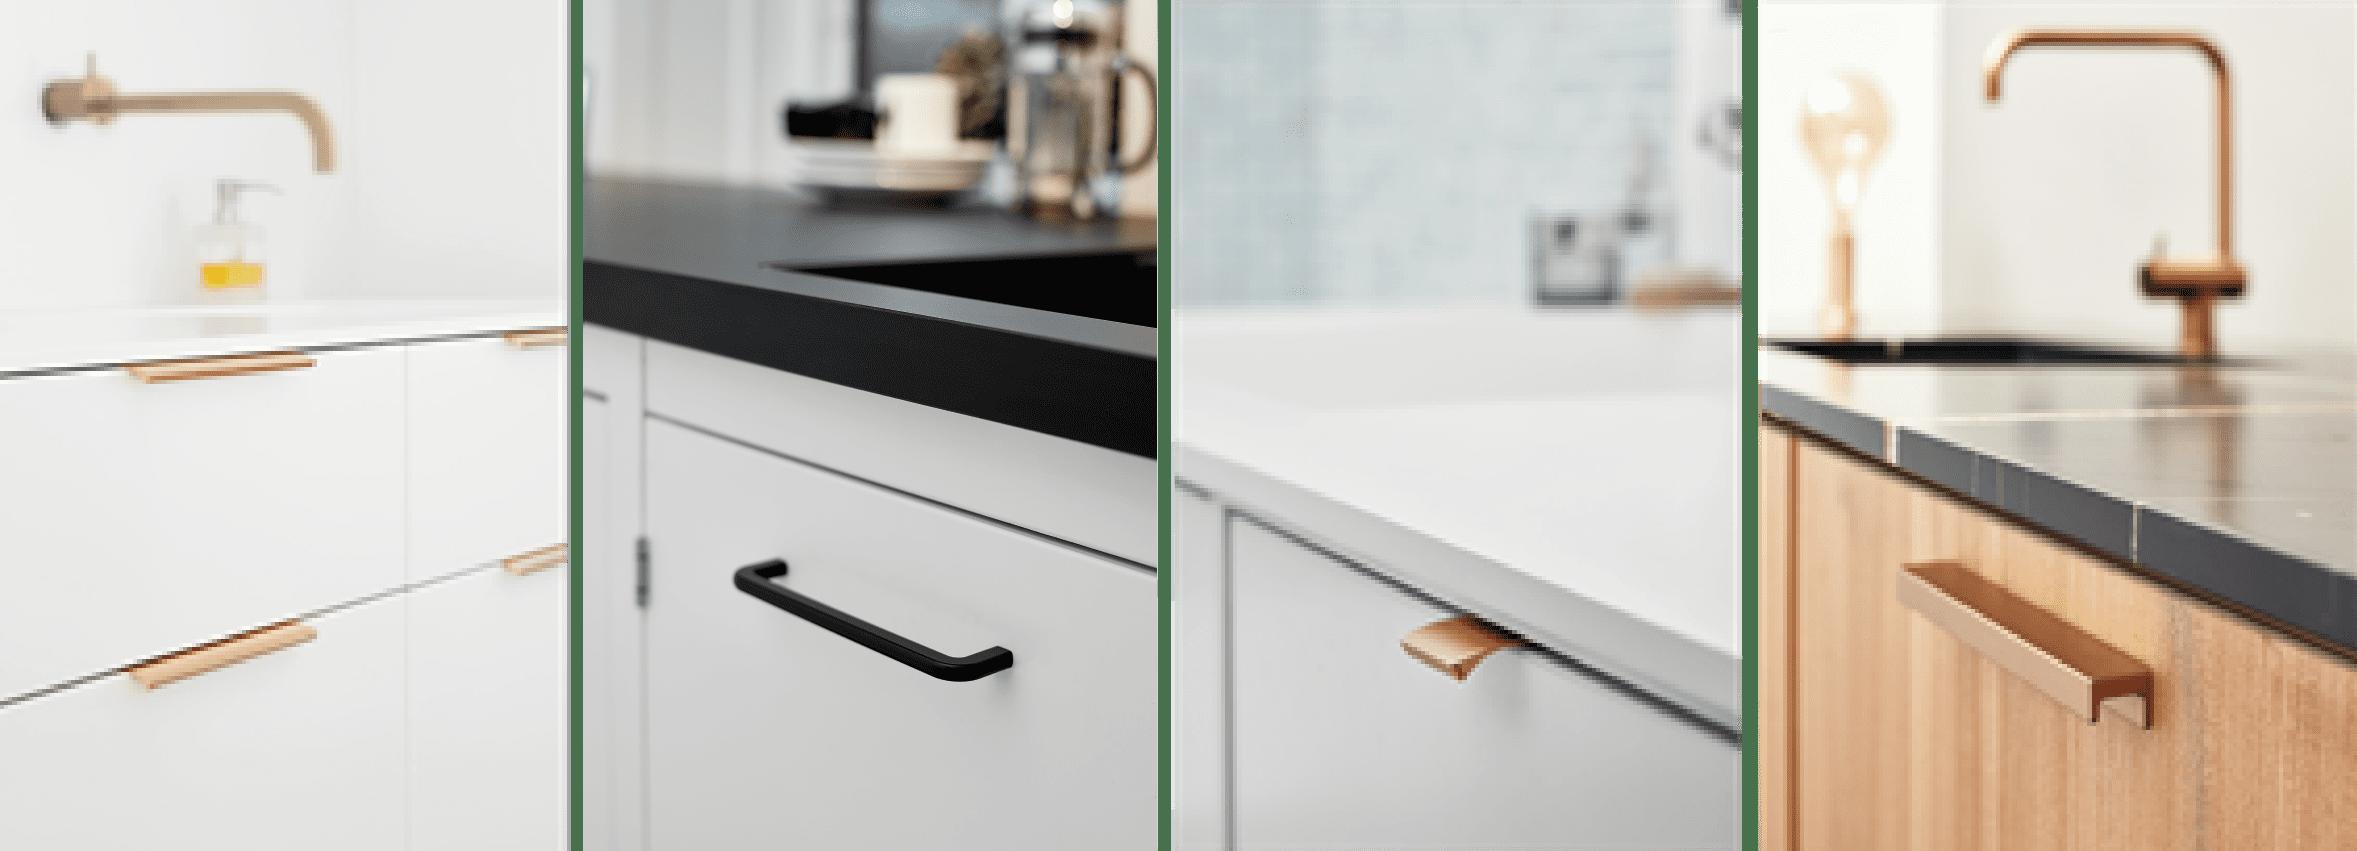 NOVEDAD¡ Pomos y tiradores de cocina 2018 - Equipamiento de Cocinas